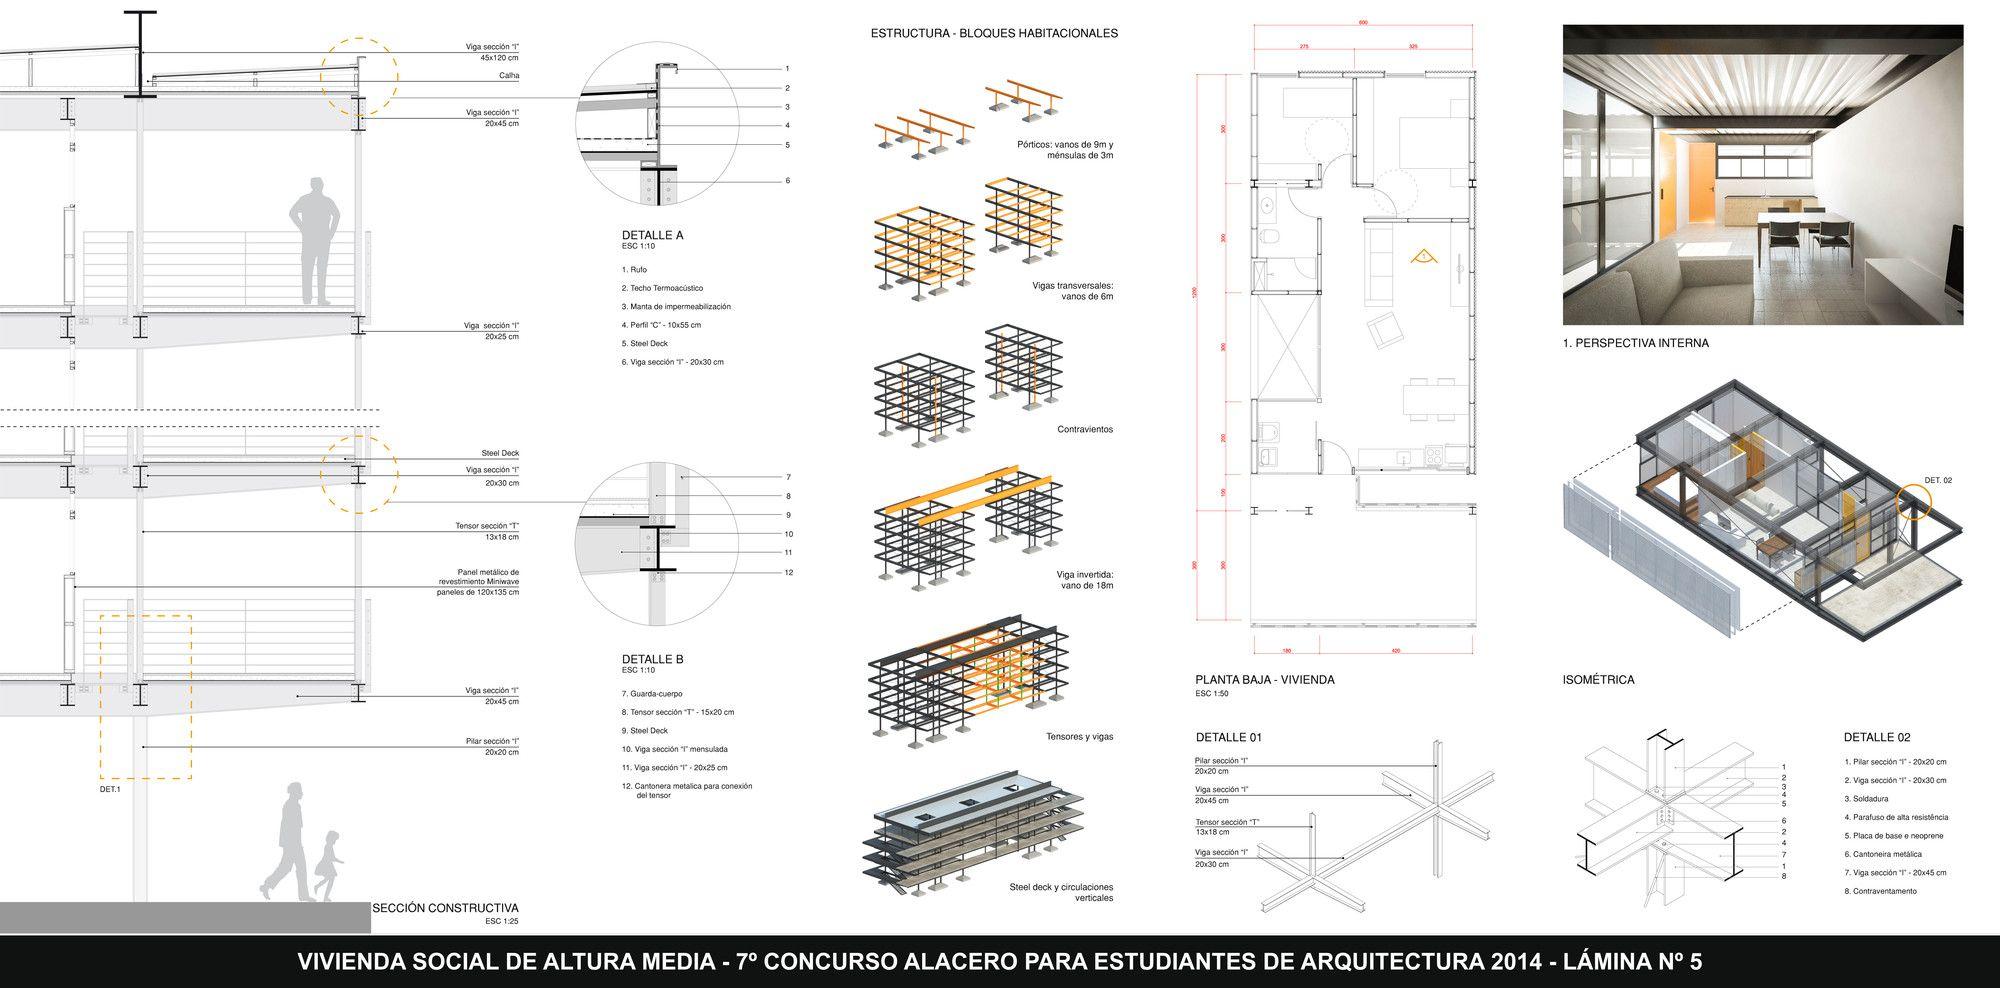 Brasil, Primer Lugar en VII Concurso Alacero de diseño en acero 2014,Lámina #5. Image © Alacero